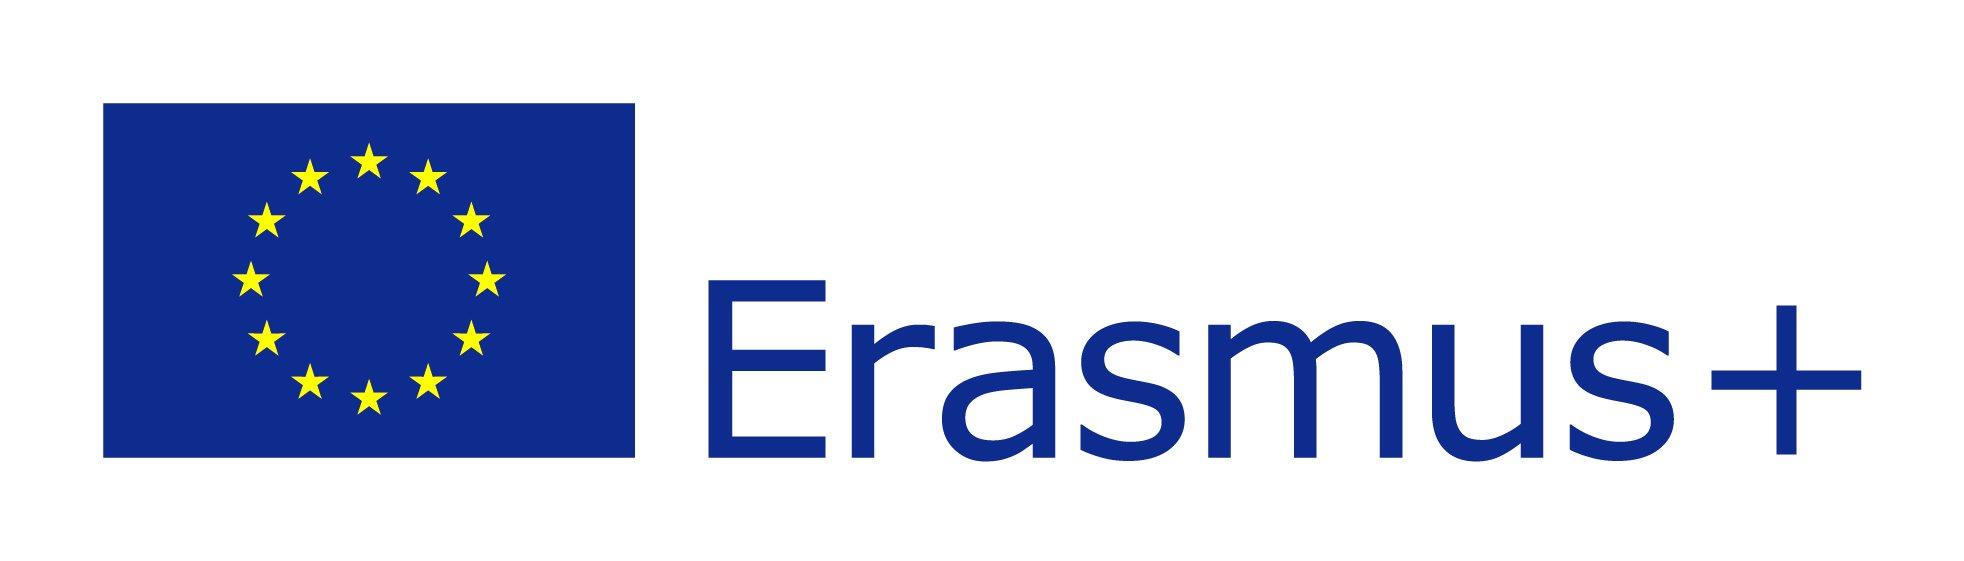 Logotip del programa Erasmus+